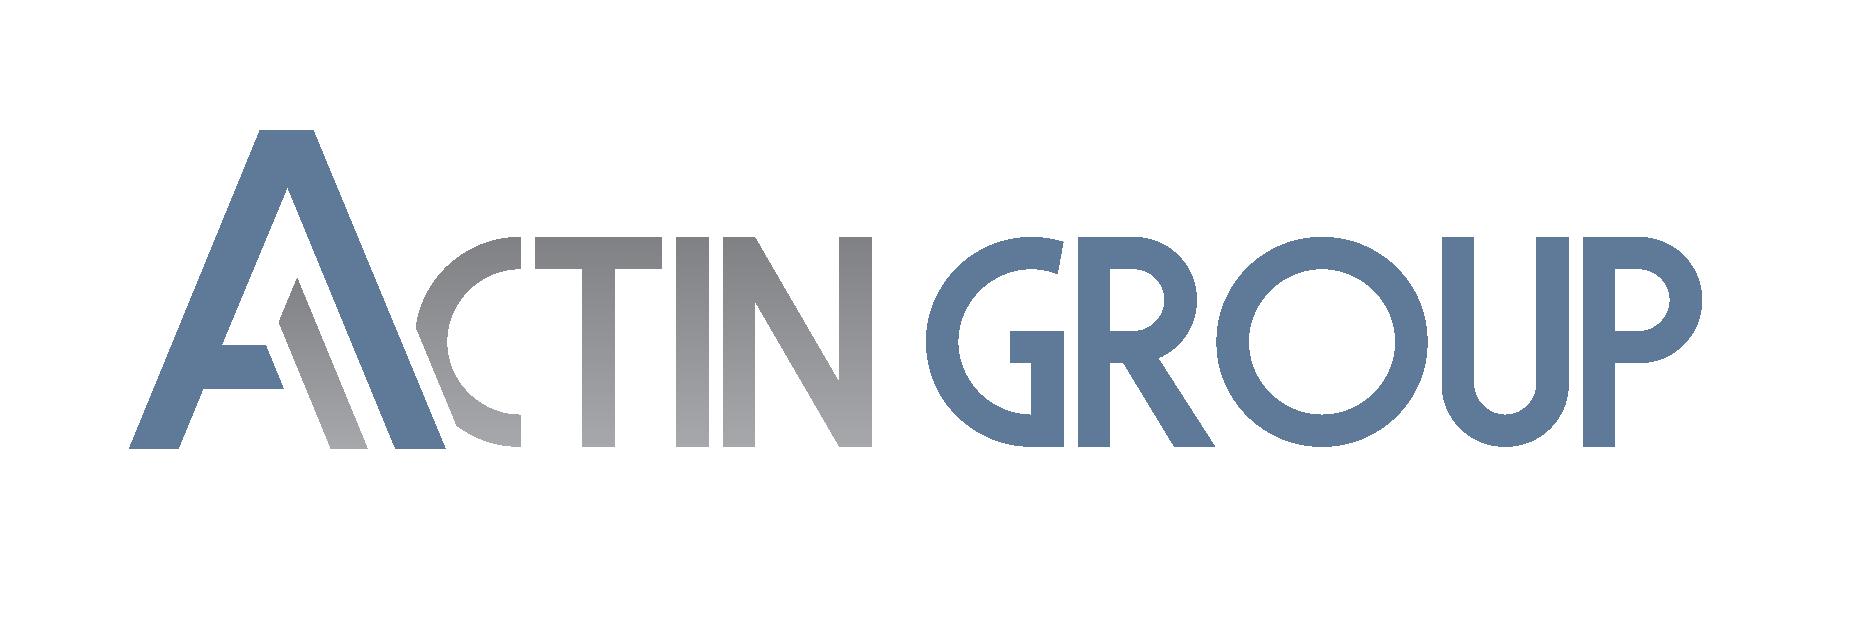 Actin Group